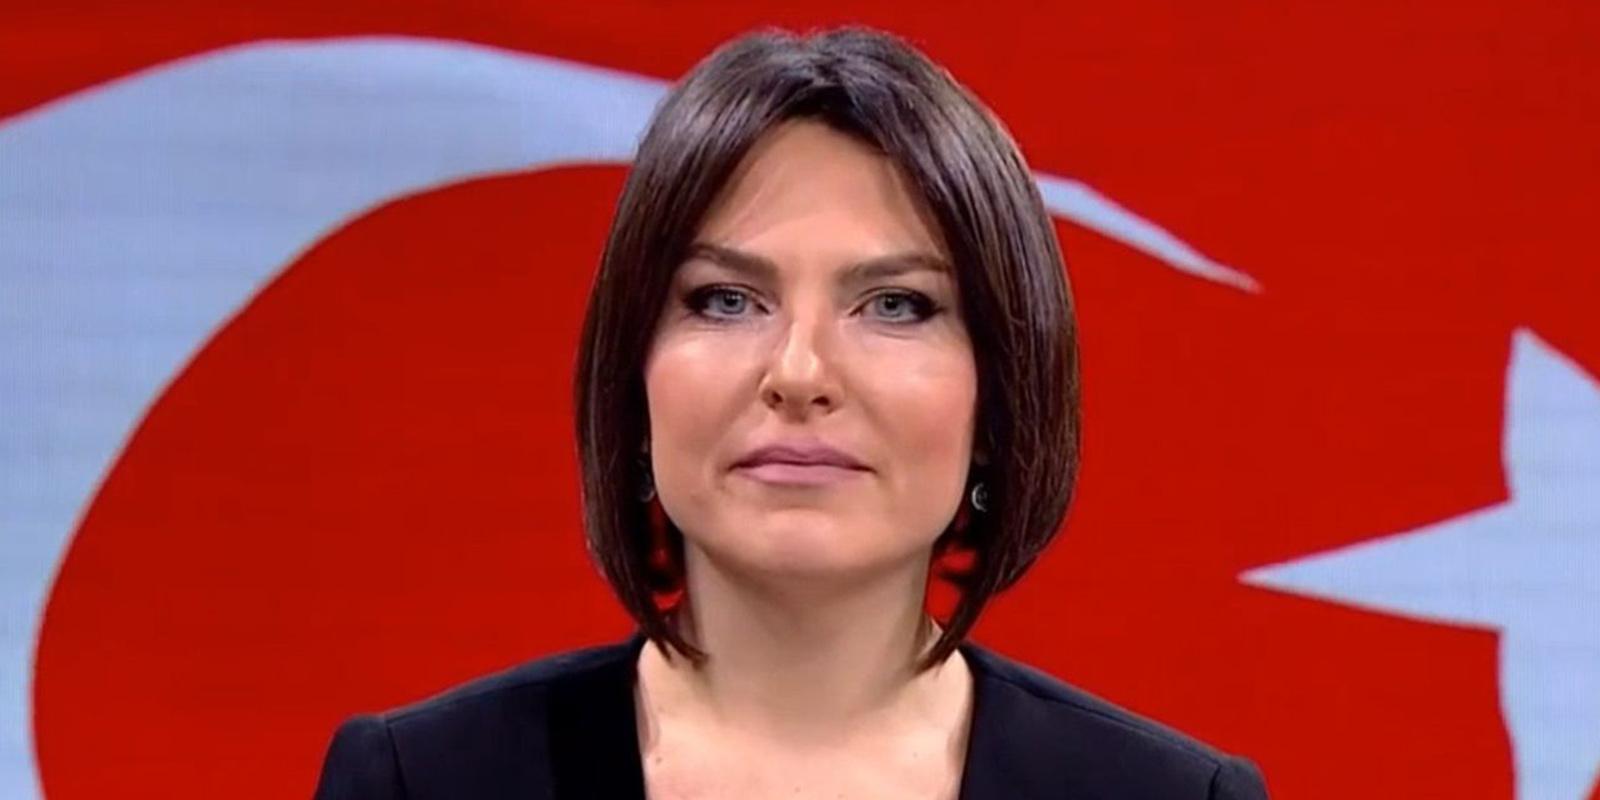 Yorumları gündem oluyordu! Show TV Ana Haber sunucusu Ece Üner istifa mı etti?